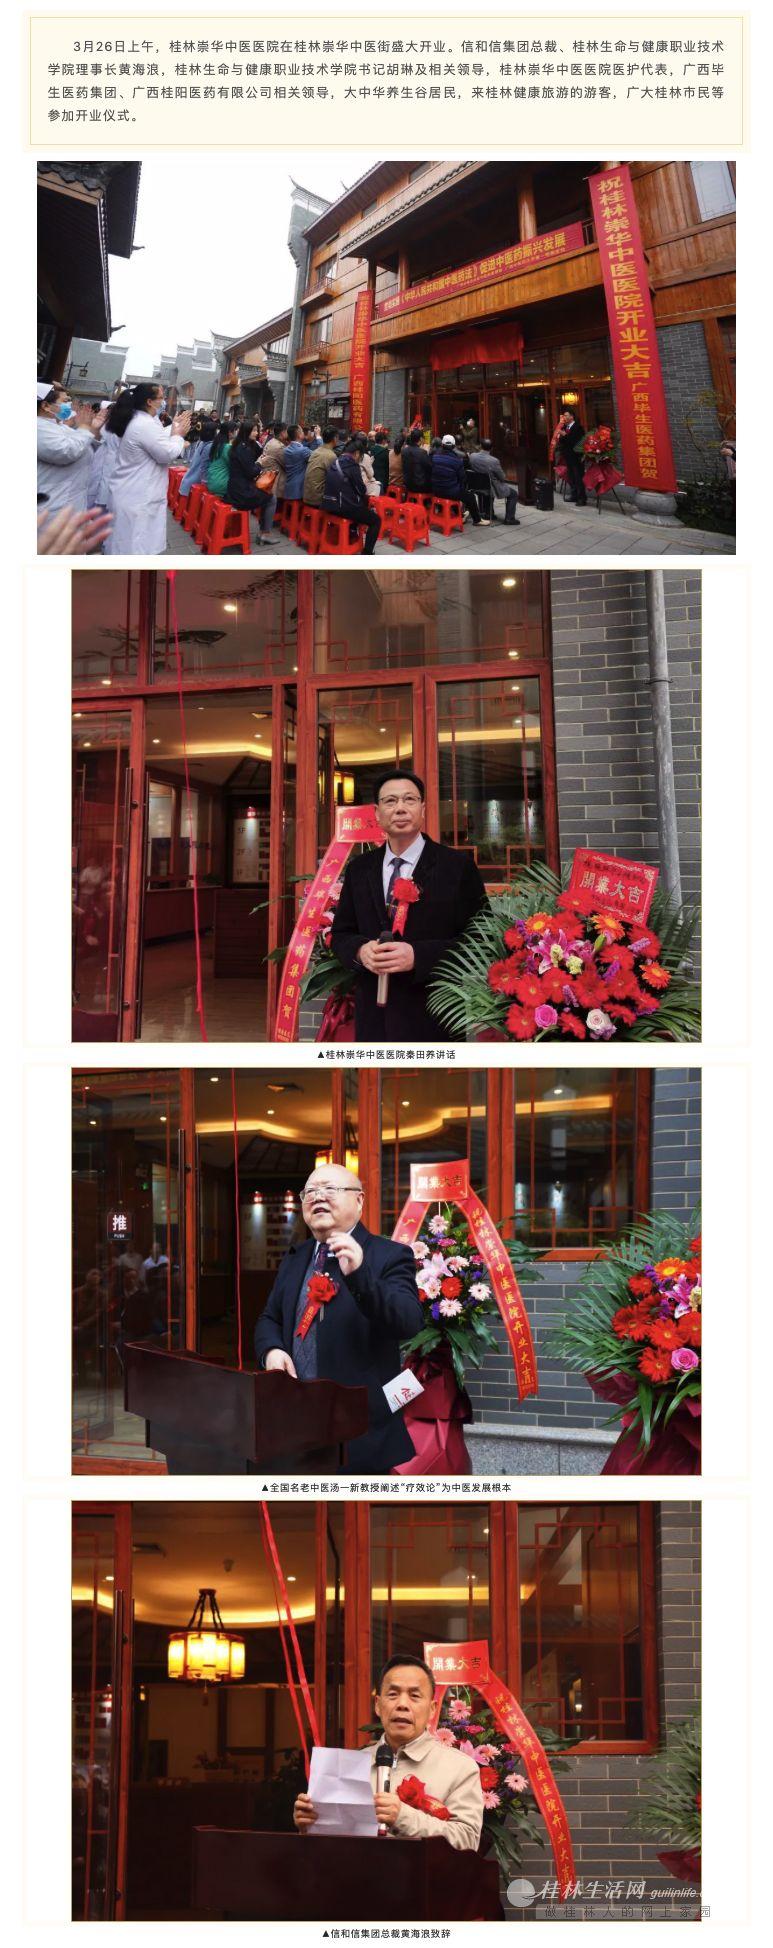 全国优质医疗资源引进桂林,崇华中医医院挂牌开业